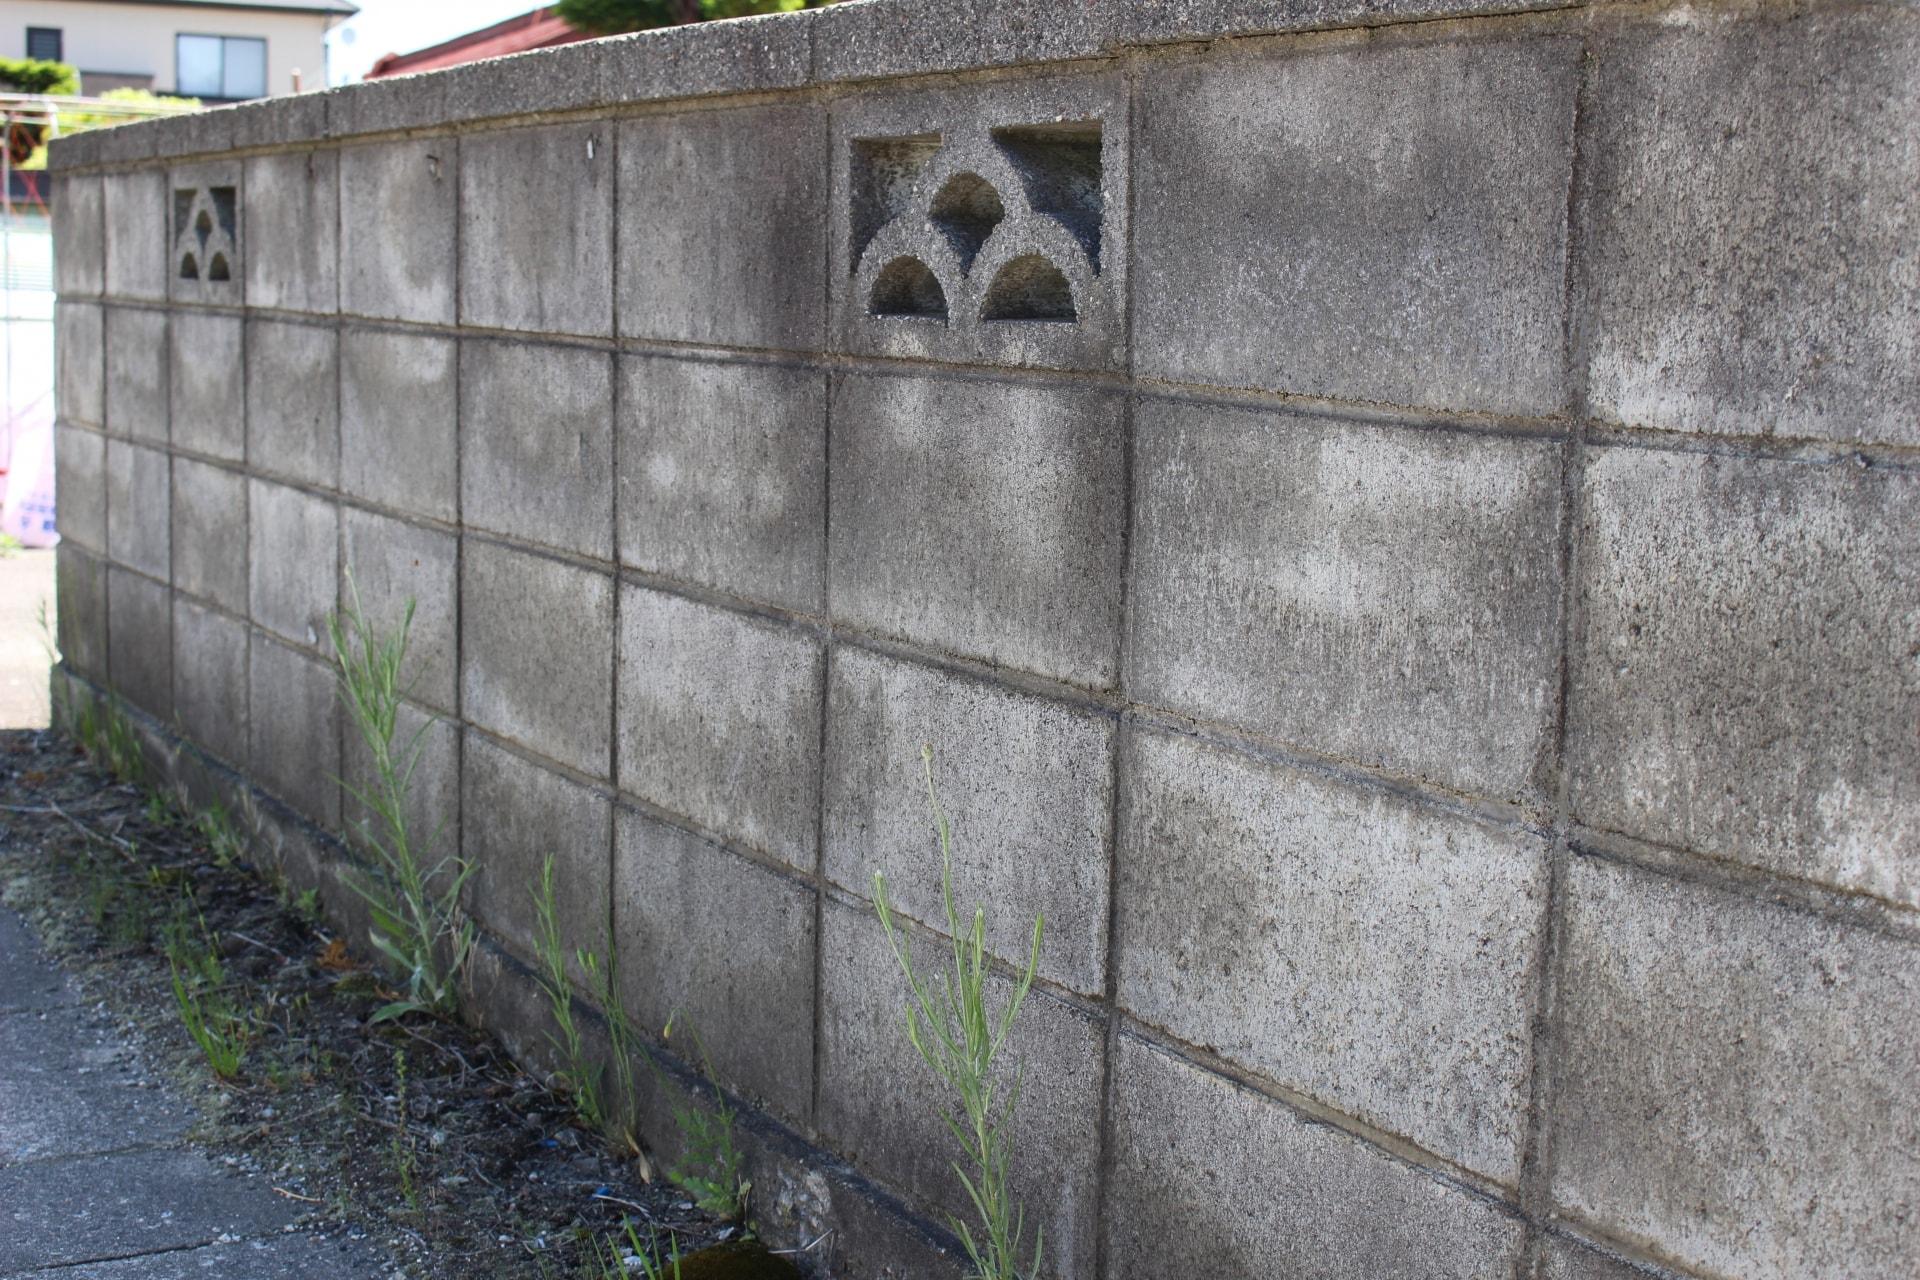 中古戸建て見学時、見るべきはここ!ブロック塀のチェックポイント